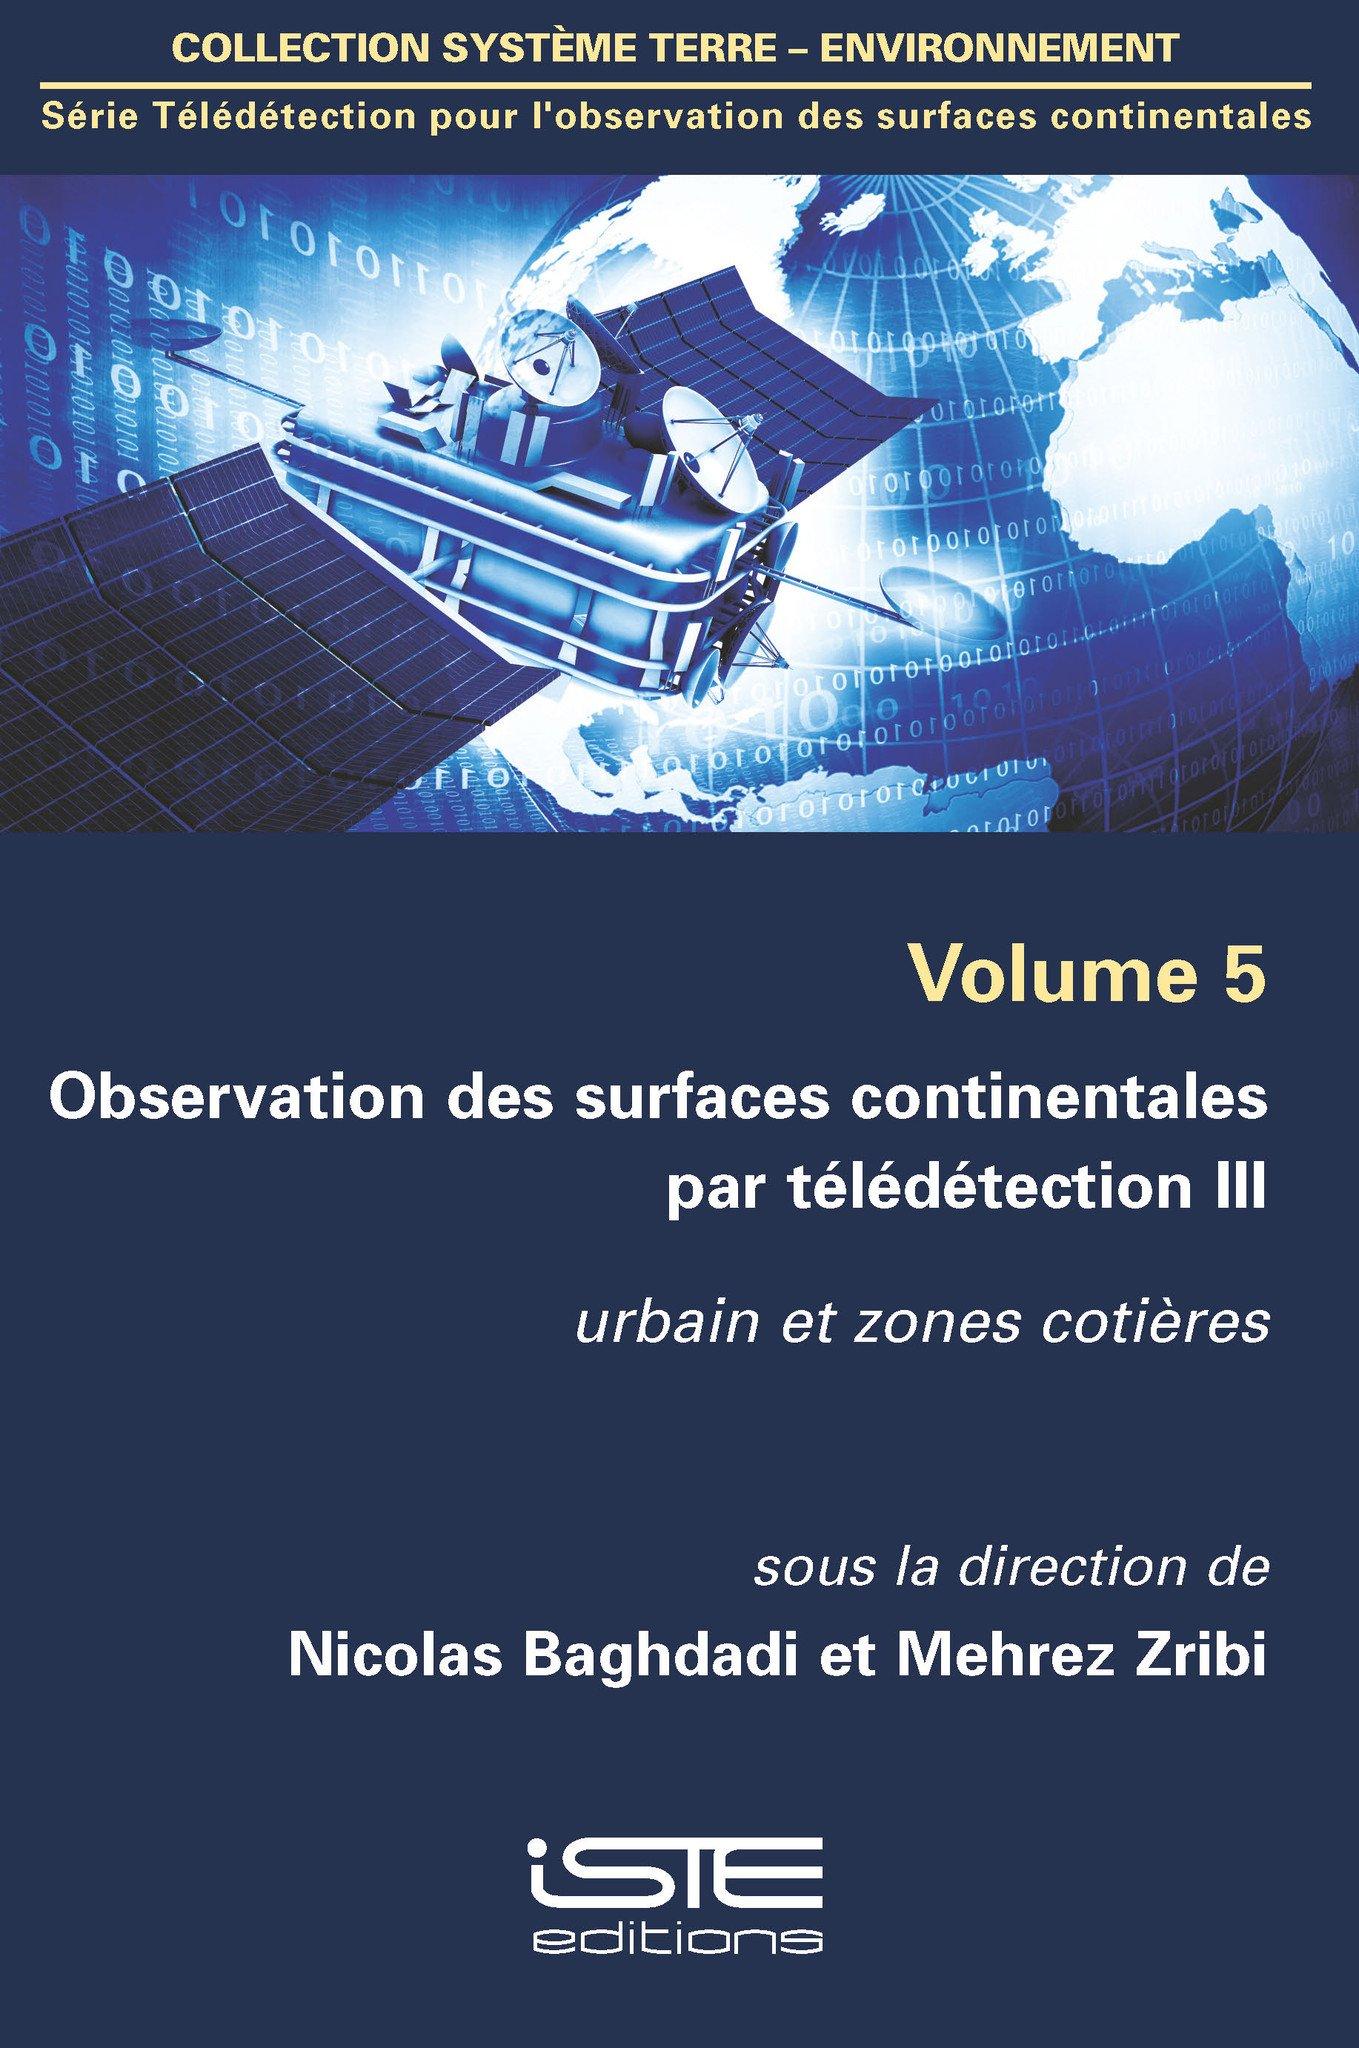 Observation des surfaces continentales par télédétection III